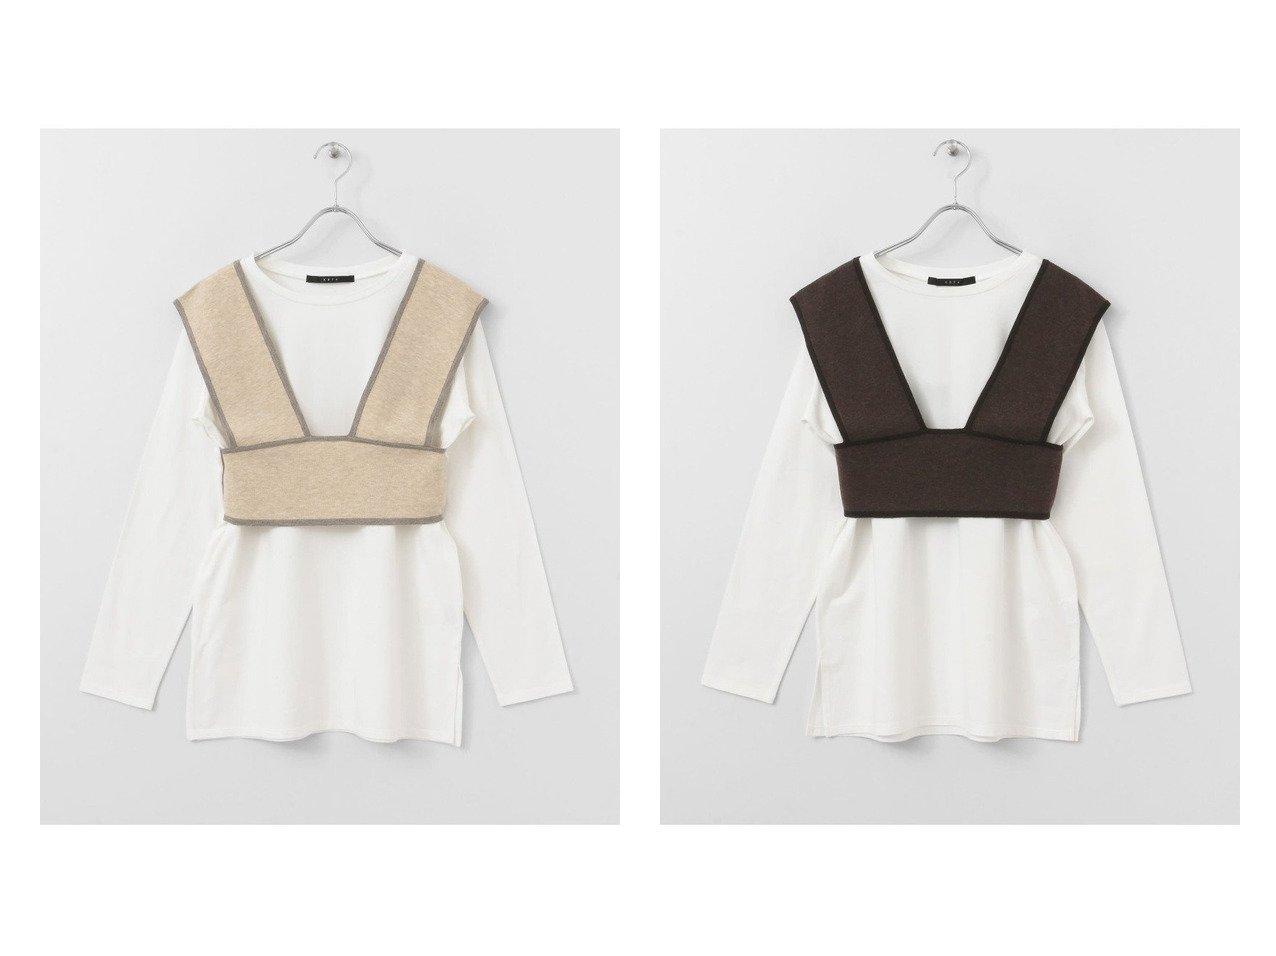 【KBF / URBAN RESEARCH/ケービーエフ】のKBF+ ニットベスト付ロングTシャツ アウターのおすすめ!人気、トレンド・レディースファッションの通販  おすすめで人気の流行・トレンド、ファッションの通販商品 メンズファッション・キッズファッション・インテリア・家具・レディースファッション・服の通販 founy(ファニー) https://founy.com/ ファッション Fashion レディースファッション WOMEN アウター Coat Outerwear トップス Tops Tshirt ニット Knit Tops シャツ/ブラウス Shirts Blouses ロング / Tシャツ T-Shirts ベスト/ジレ Gilets Vests カットソー Cut and Sewn カットソー シンプル スタンダード デニム ベスト ボトム ポケット ロング 定番 |ID:crp329100000010003